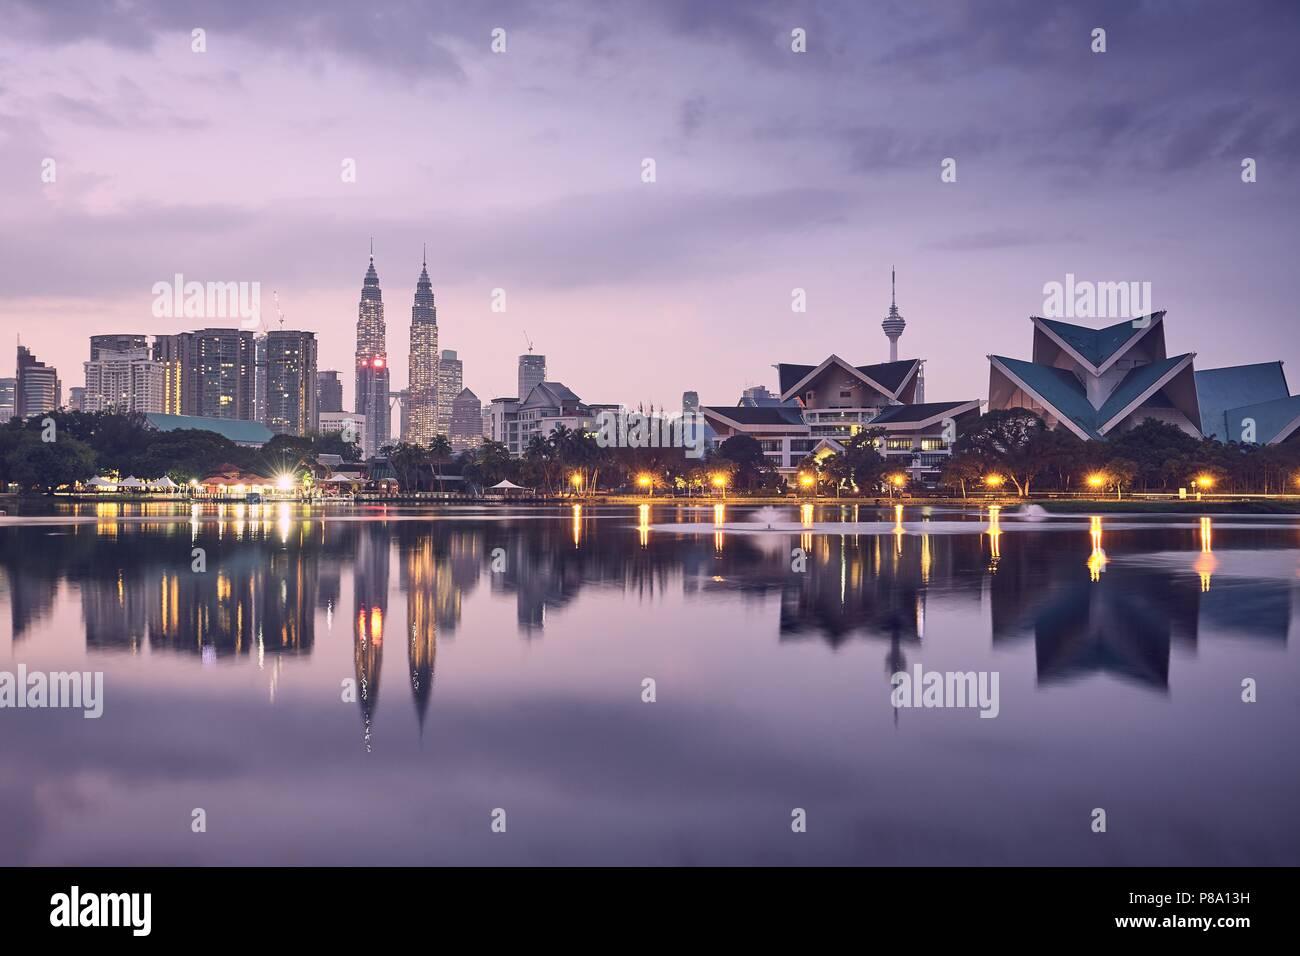 Moody lever du soleil à Kuala Lumpur en Malaisie. Reflet de l'horizon urbain dans le lac. Photo Stock